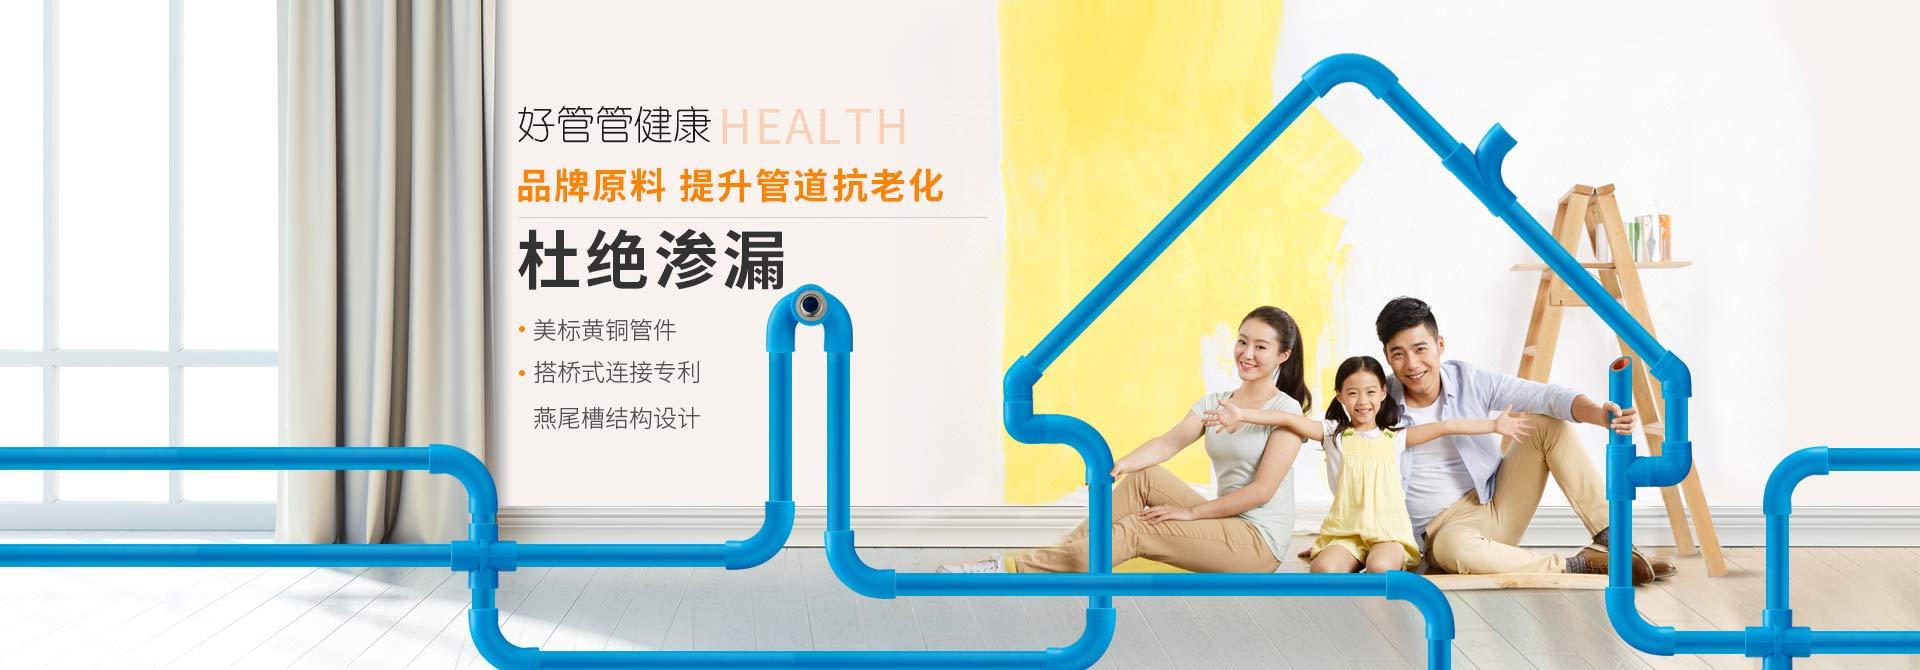 全能E家-17年制造实力·铸就建材管道品牌名片